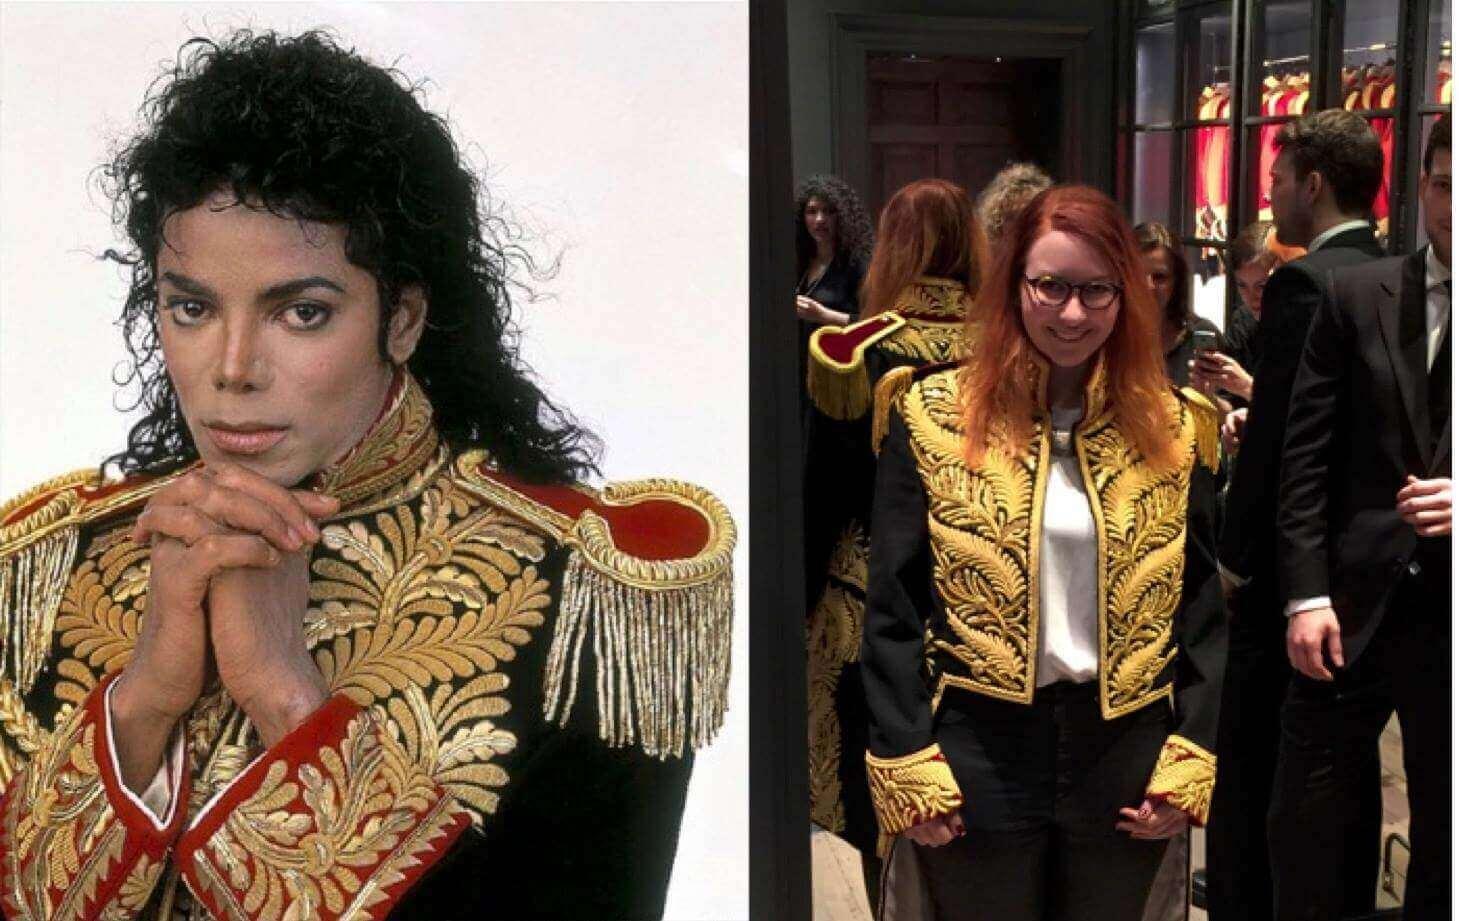 Jacke von MJ Anprobe